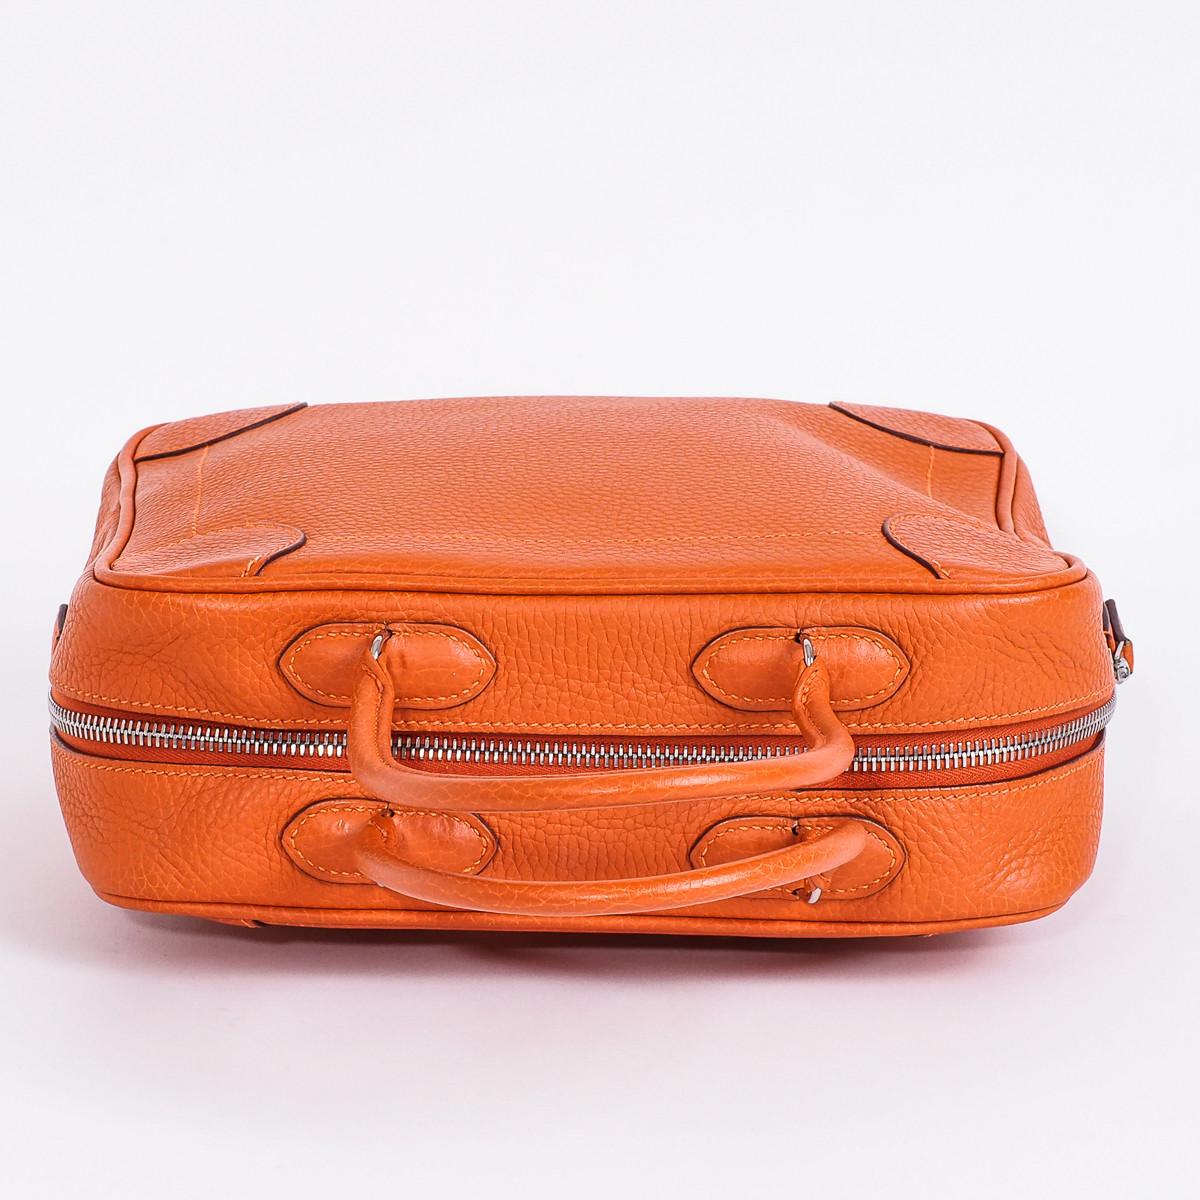 sac herm s omnibus cuir gr n orange d 39 occasion. Black Bedroom Furniture Sets. Home Design Ideas